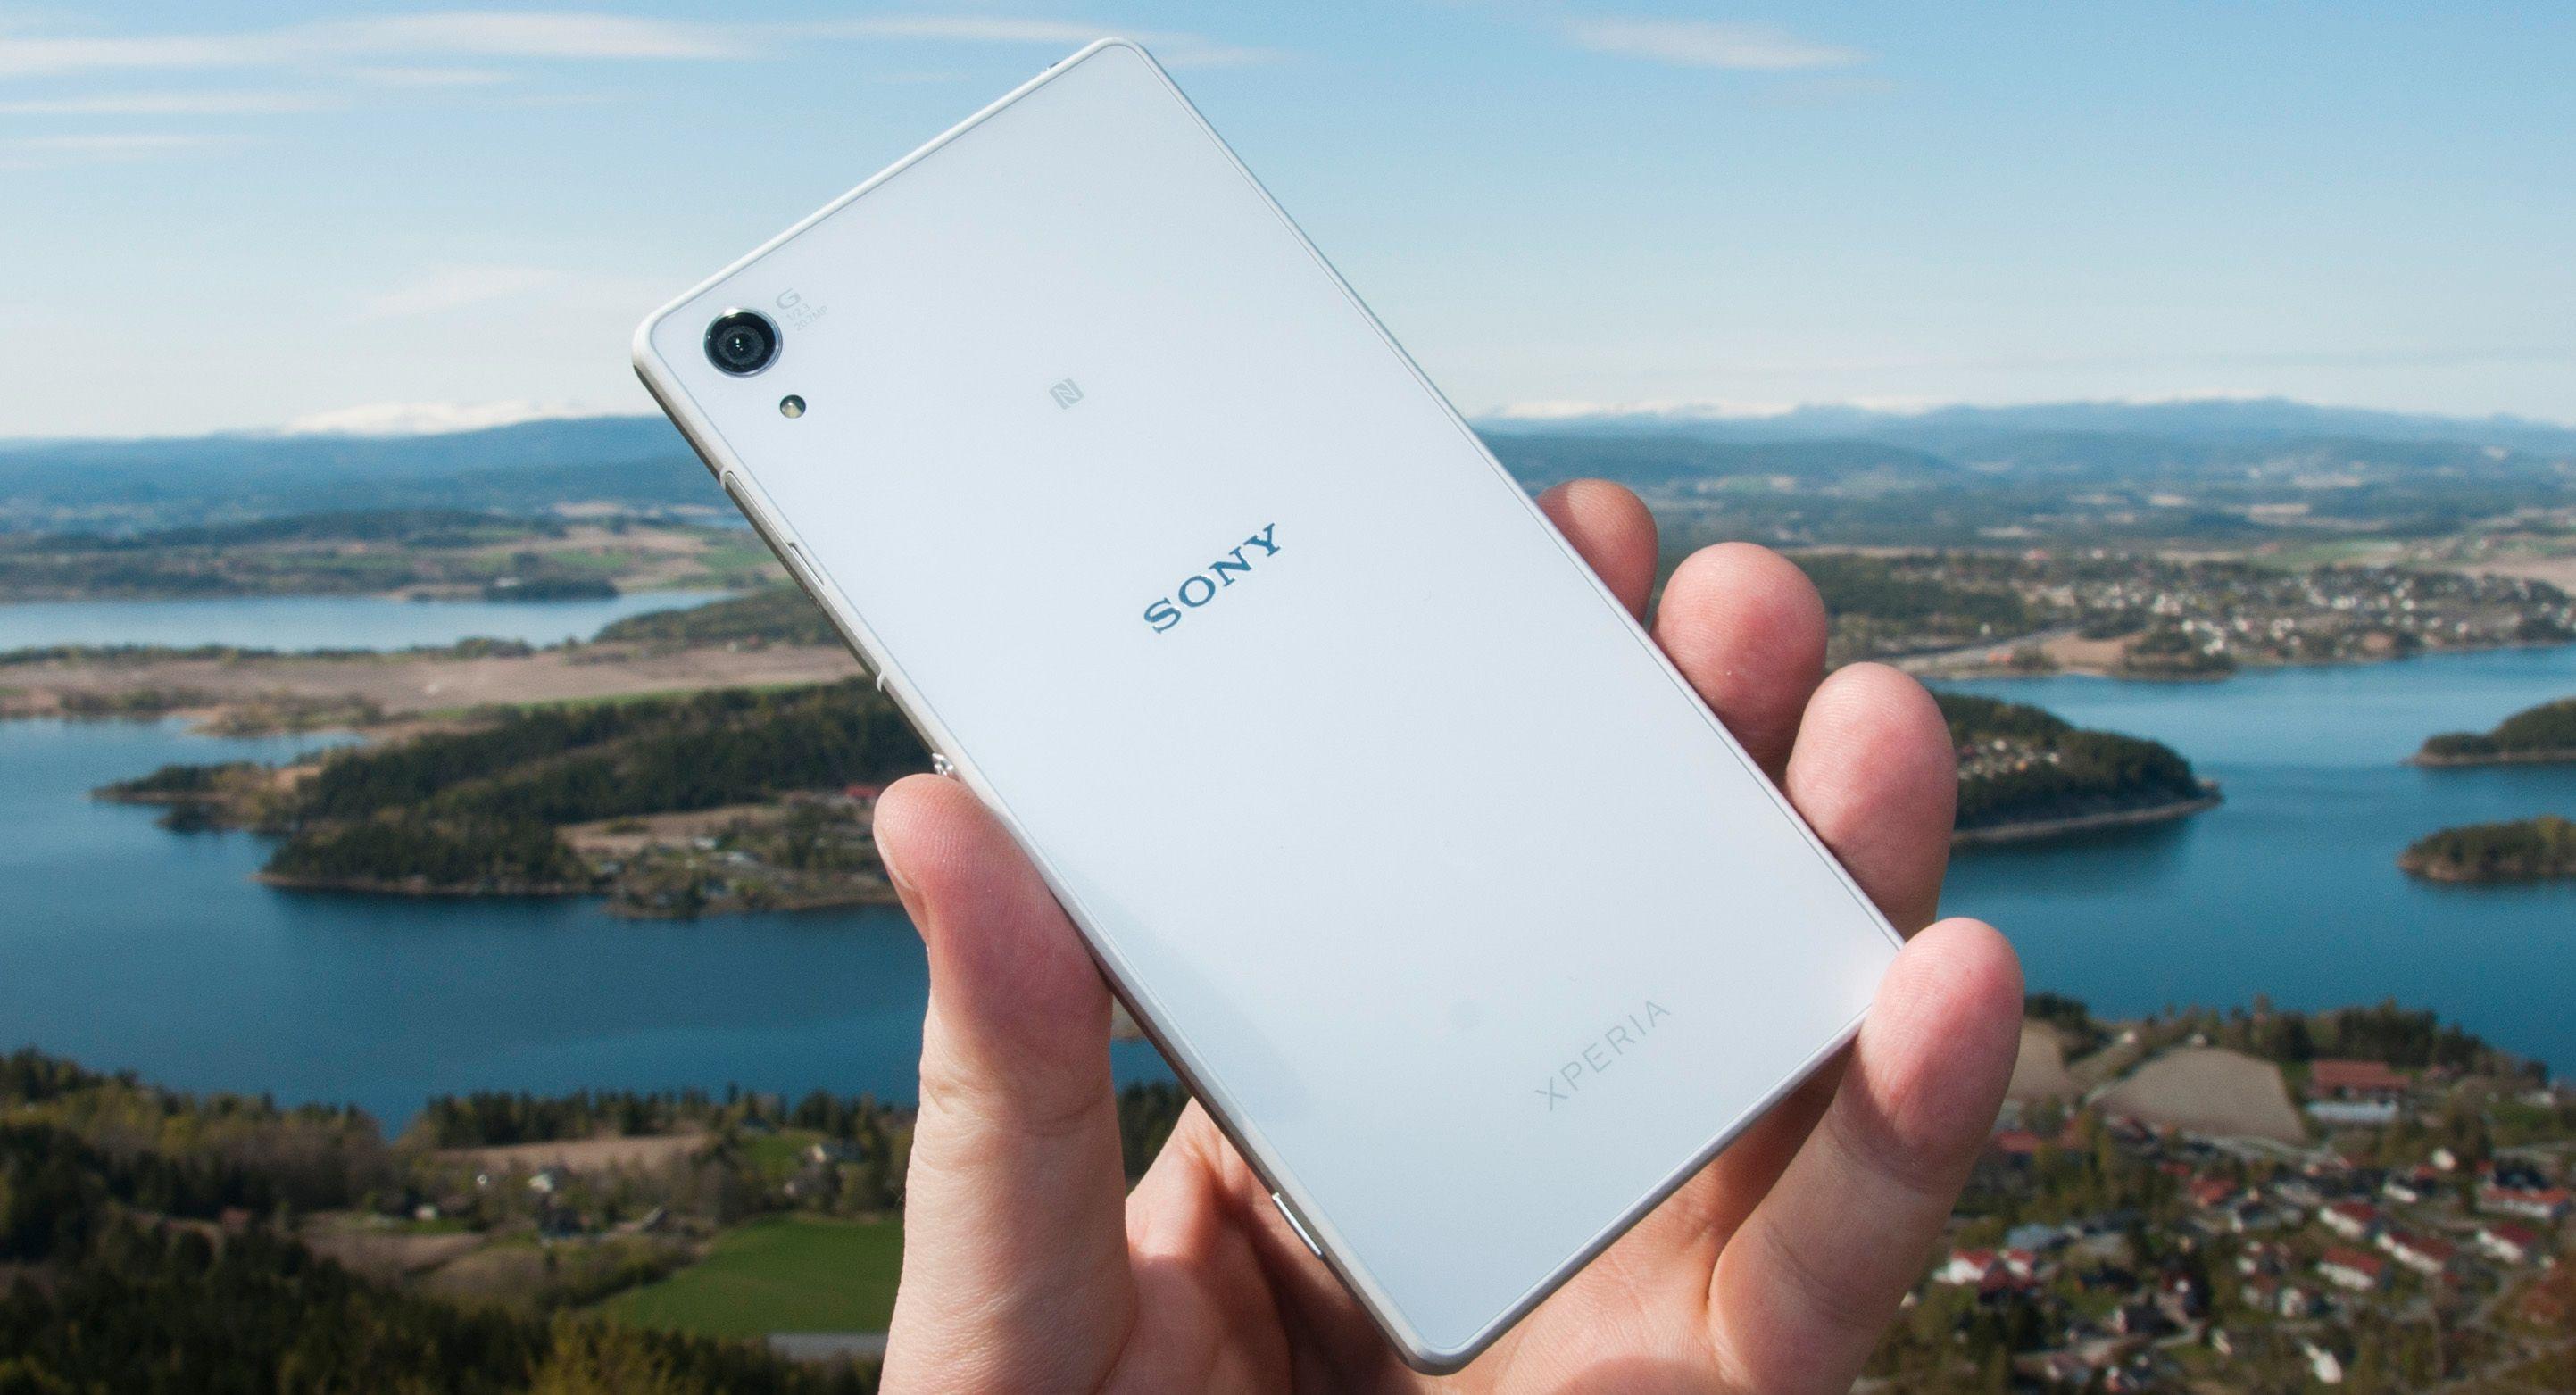 Sonys mobilavdeling skal bidra med blant annet kamera- og telekommunikasjonsteknologi i utvikling av de nye dronene. Foto: Finn Jarle Kvalheim, Amobil.no